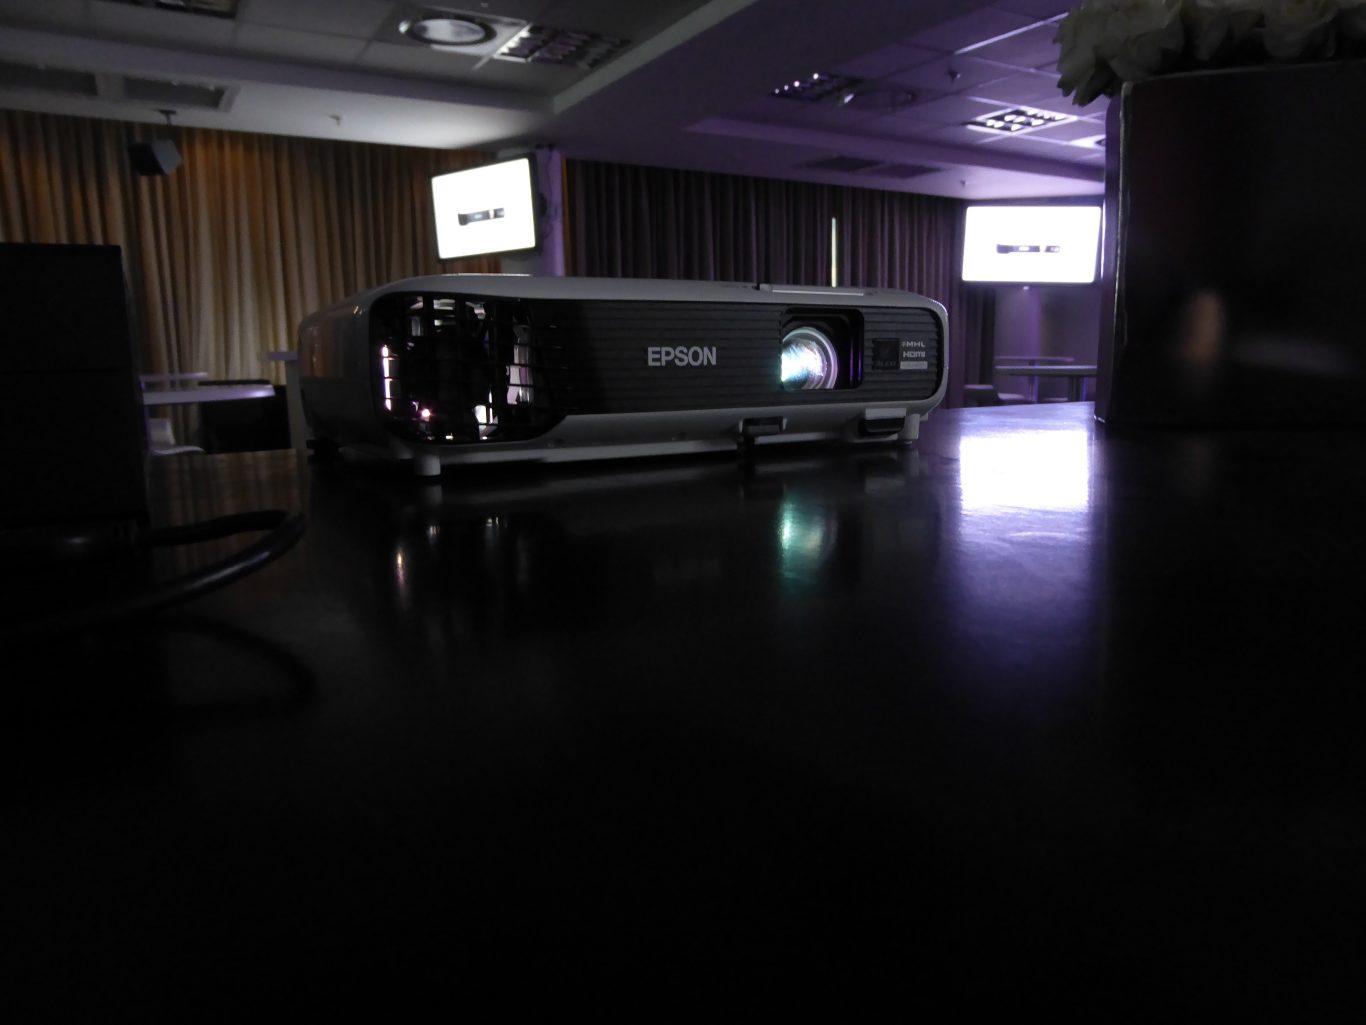 Epson reveals life in 4K